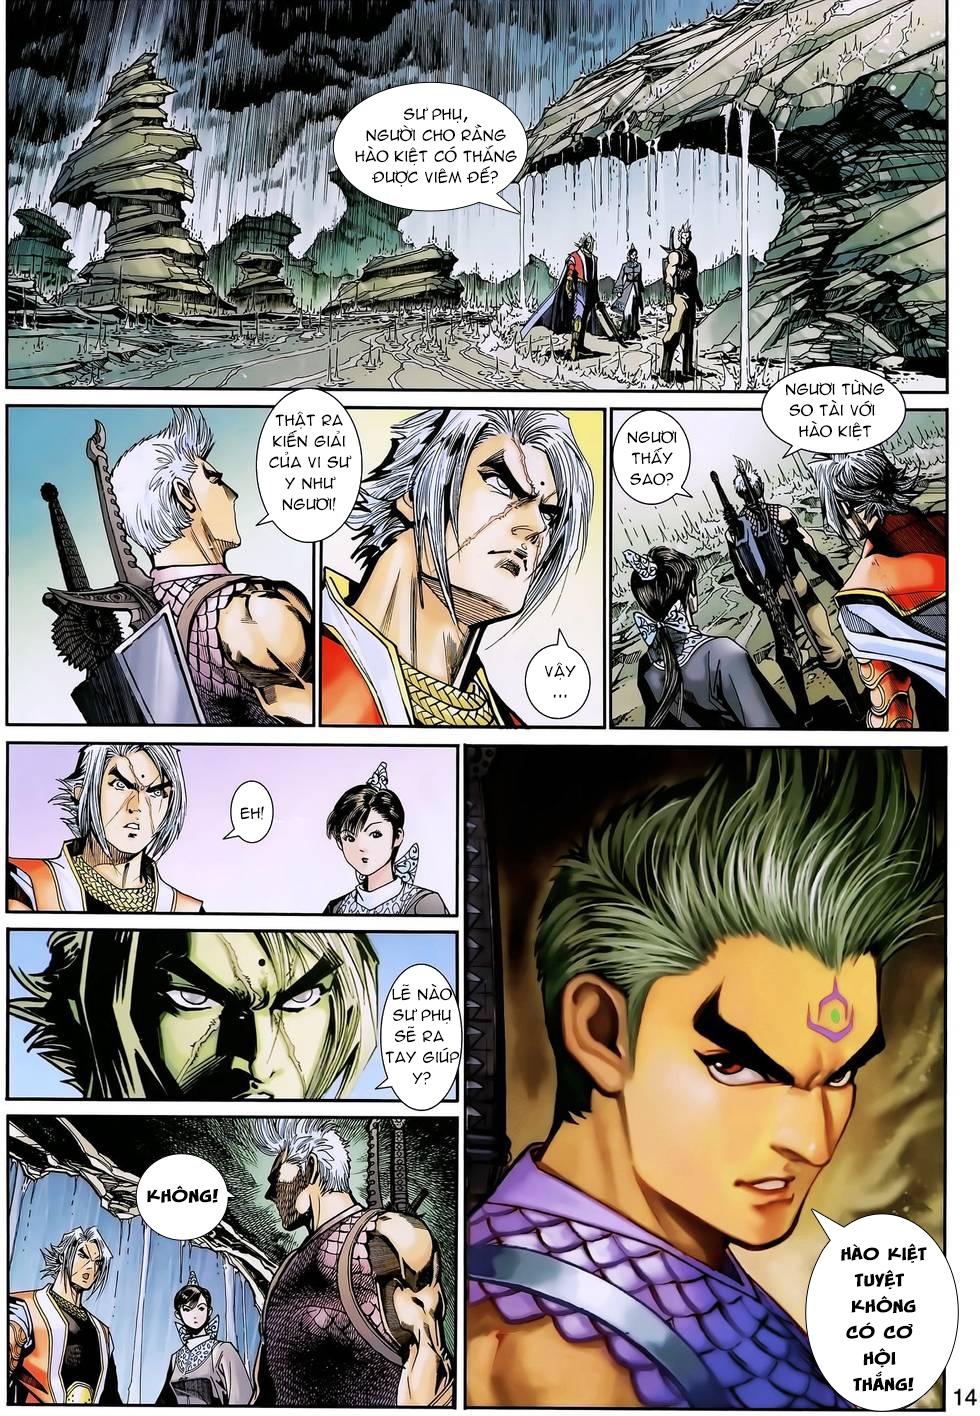 Thần binh huyền kỳ 3 - 3.5 tập 146 - 12